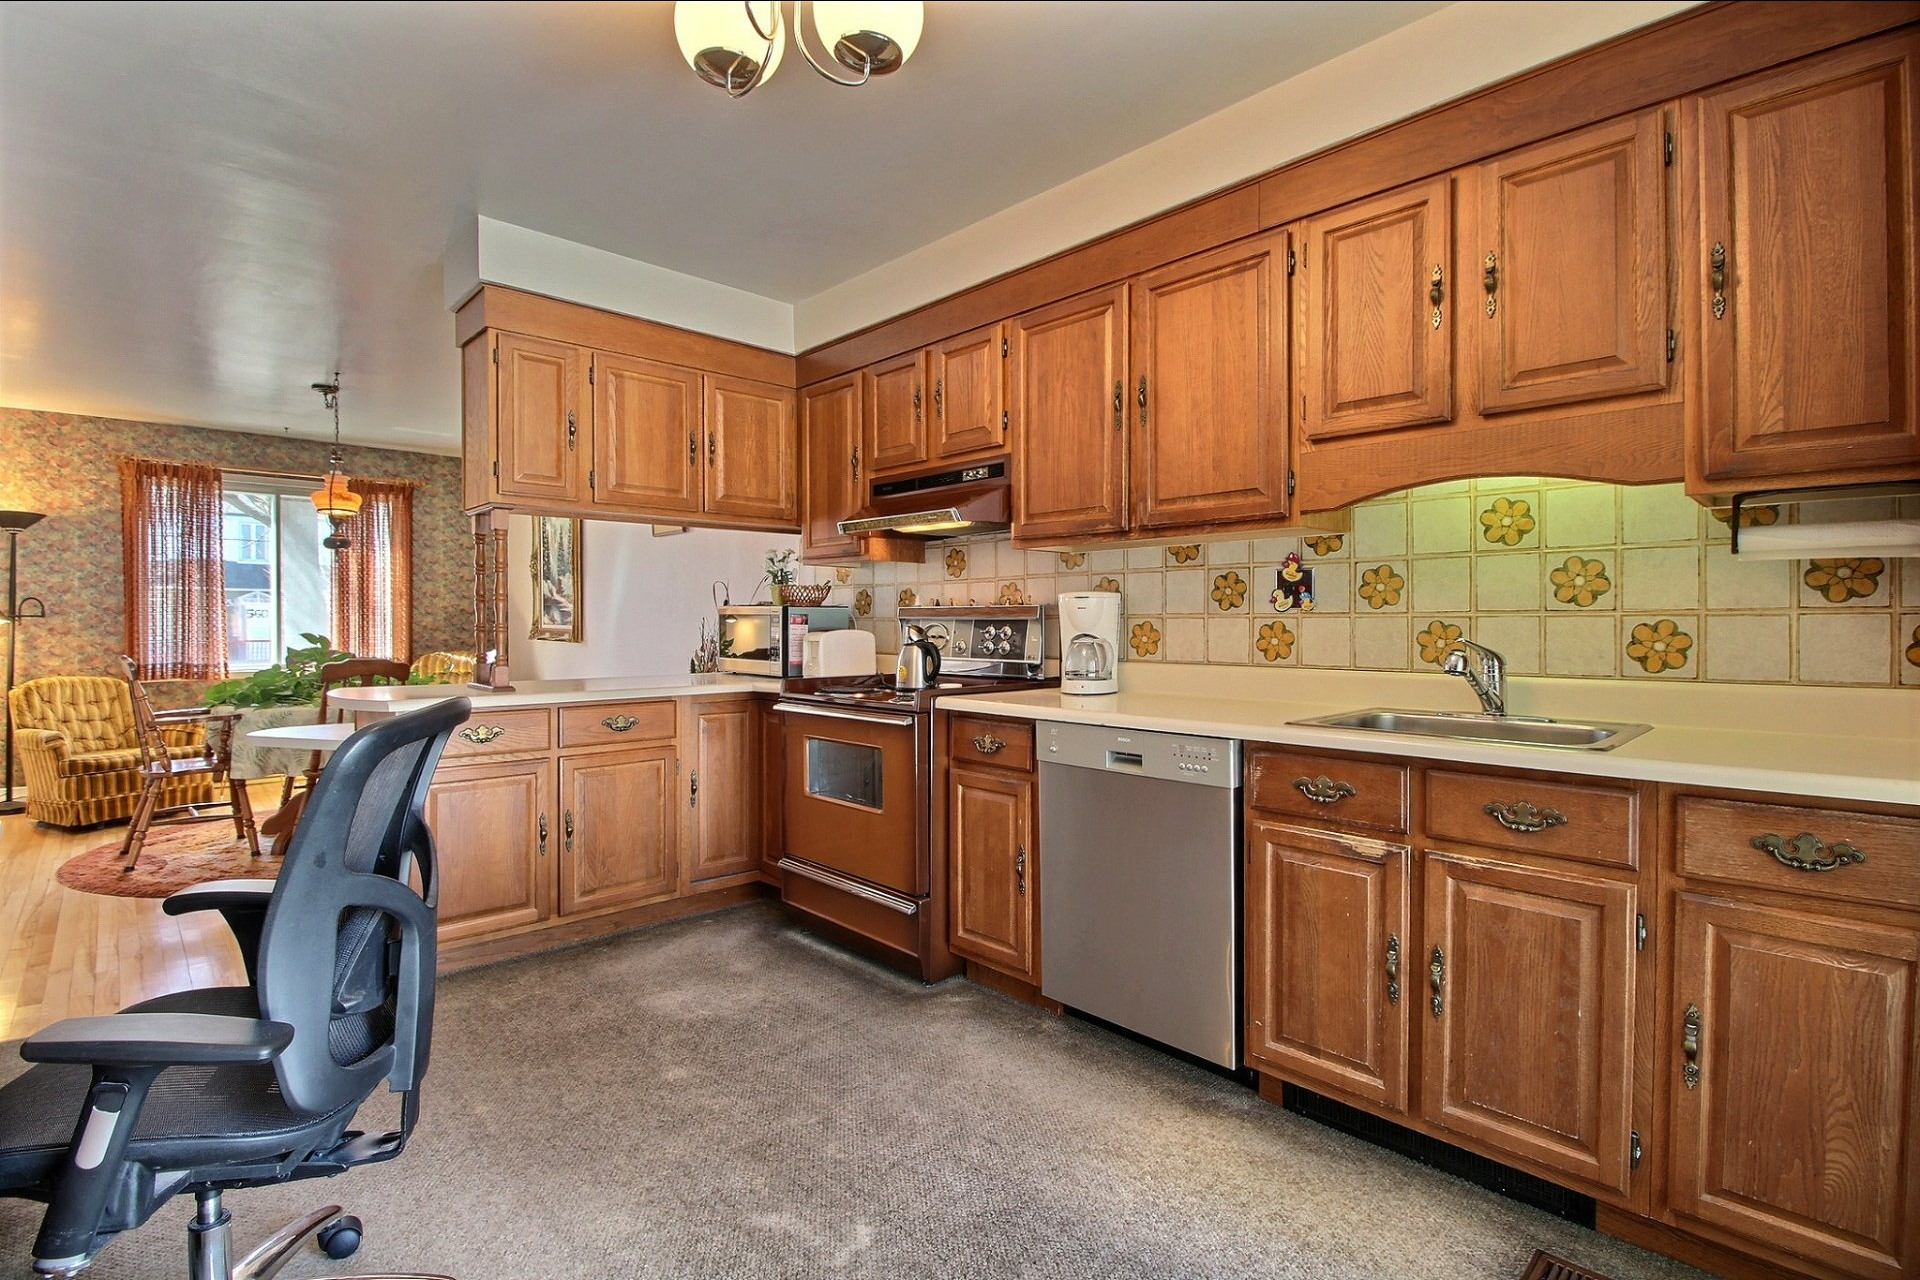 image 8 - Duplex For sale Montréal Rivière-des-Prairies/Pointe-aux-Trembles  - 6 rooms